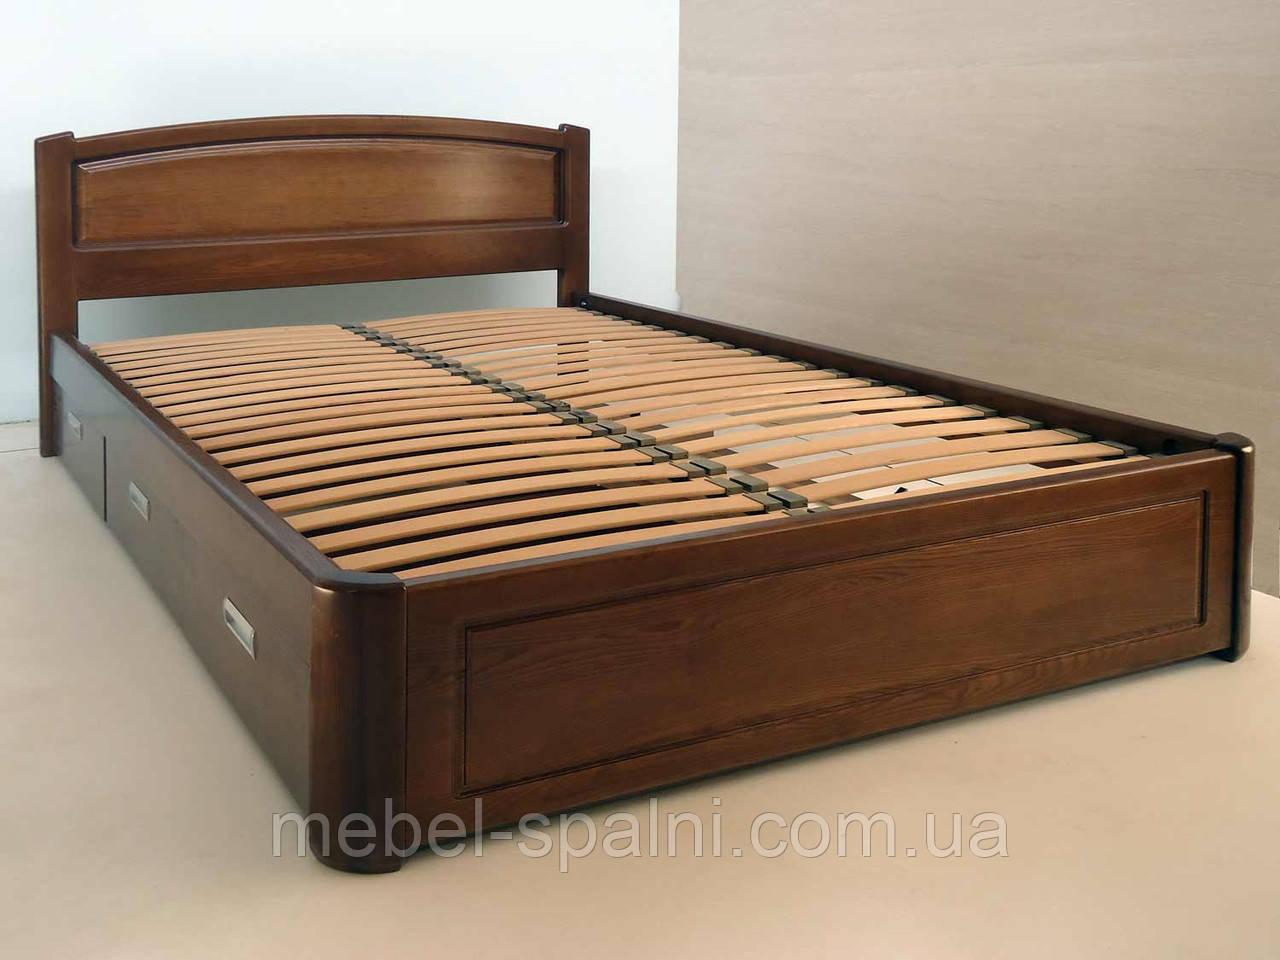 """Двуспальная кровать с ящиками. Кровать деревянная """"Татьяна"""" kr.tn6.1"""